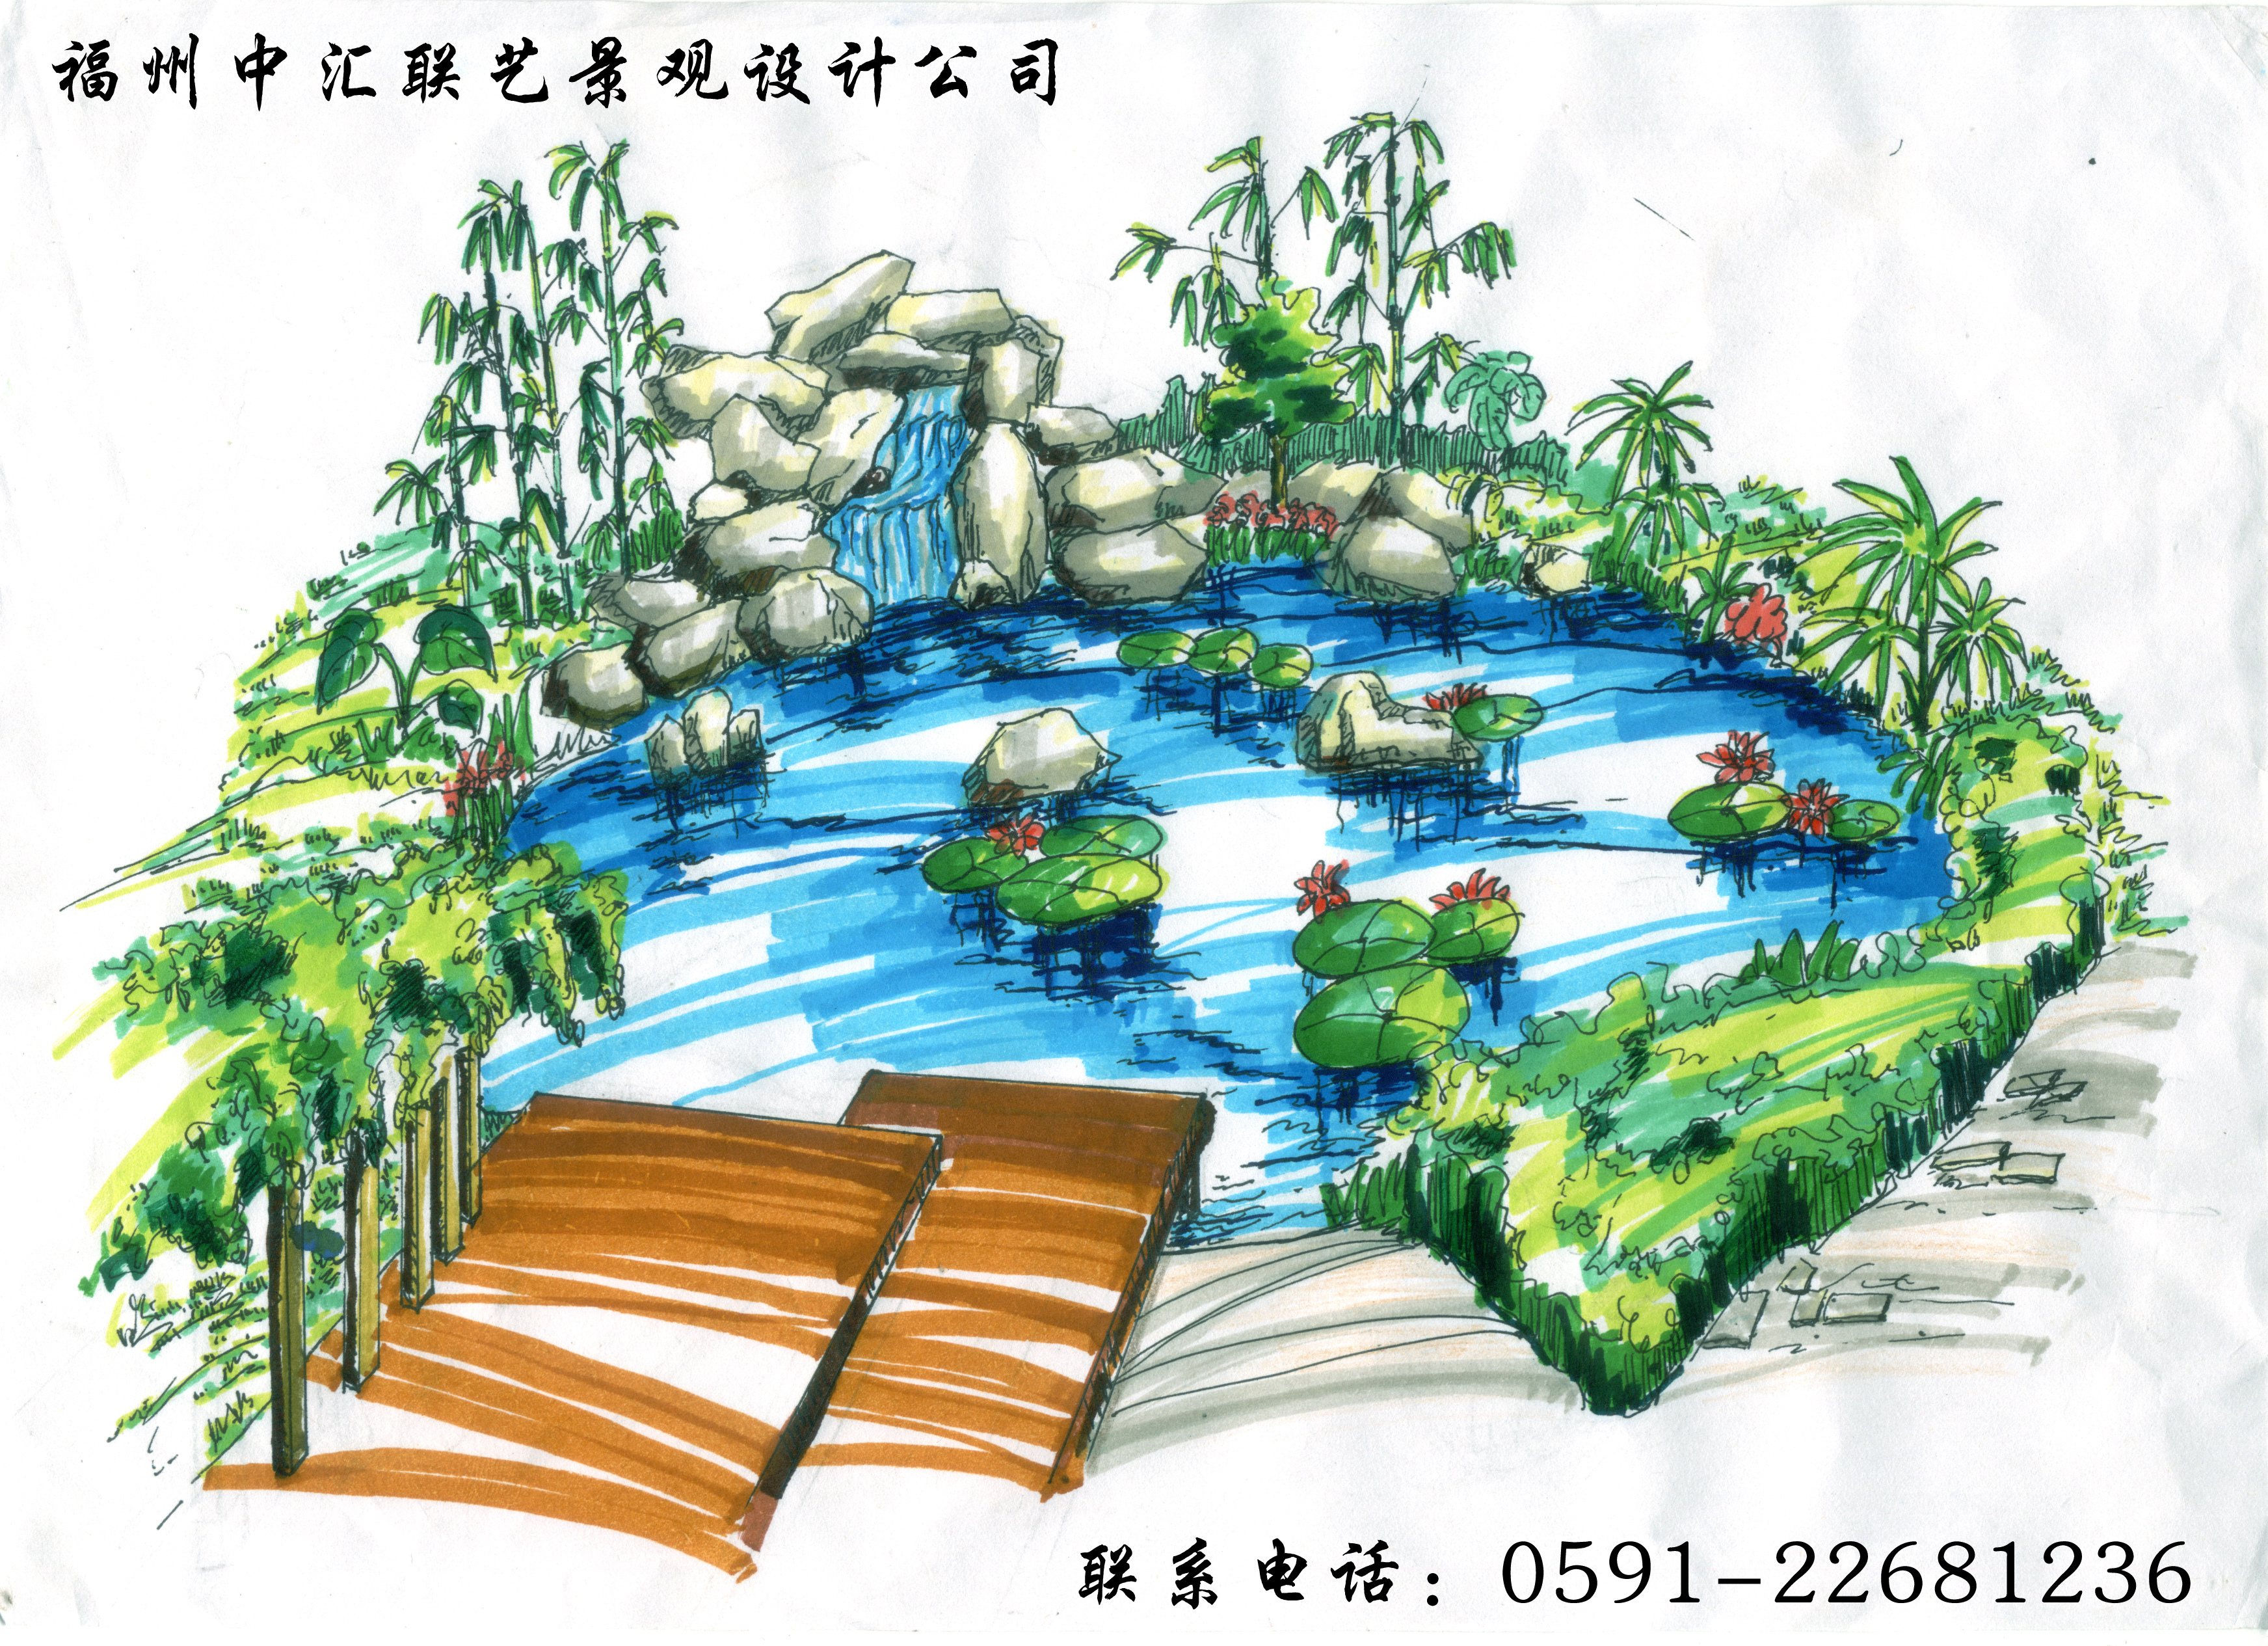 手绘图花坛设计手绘图展馆设计手绘图水景设计手绘图